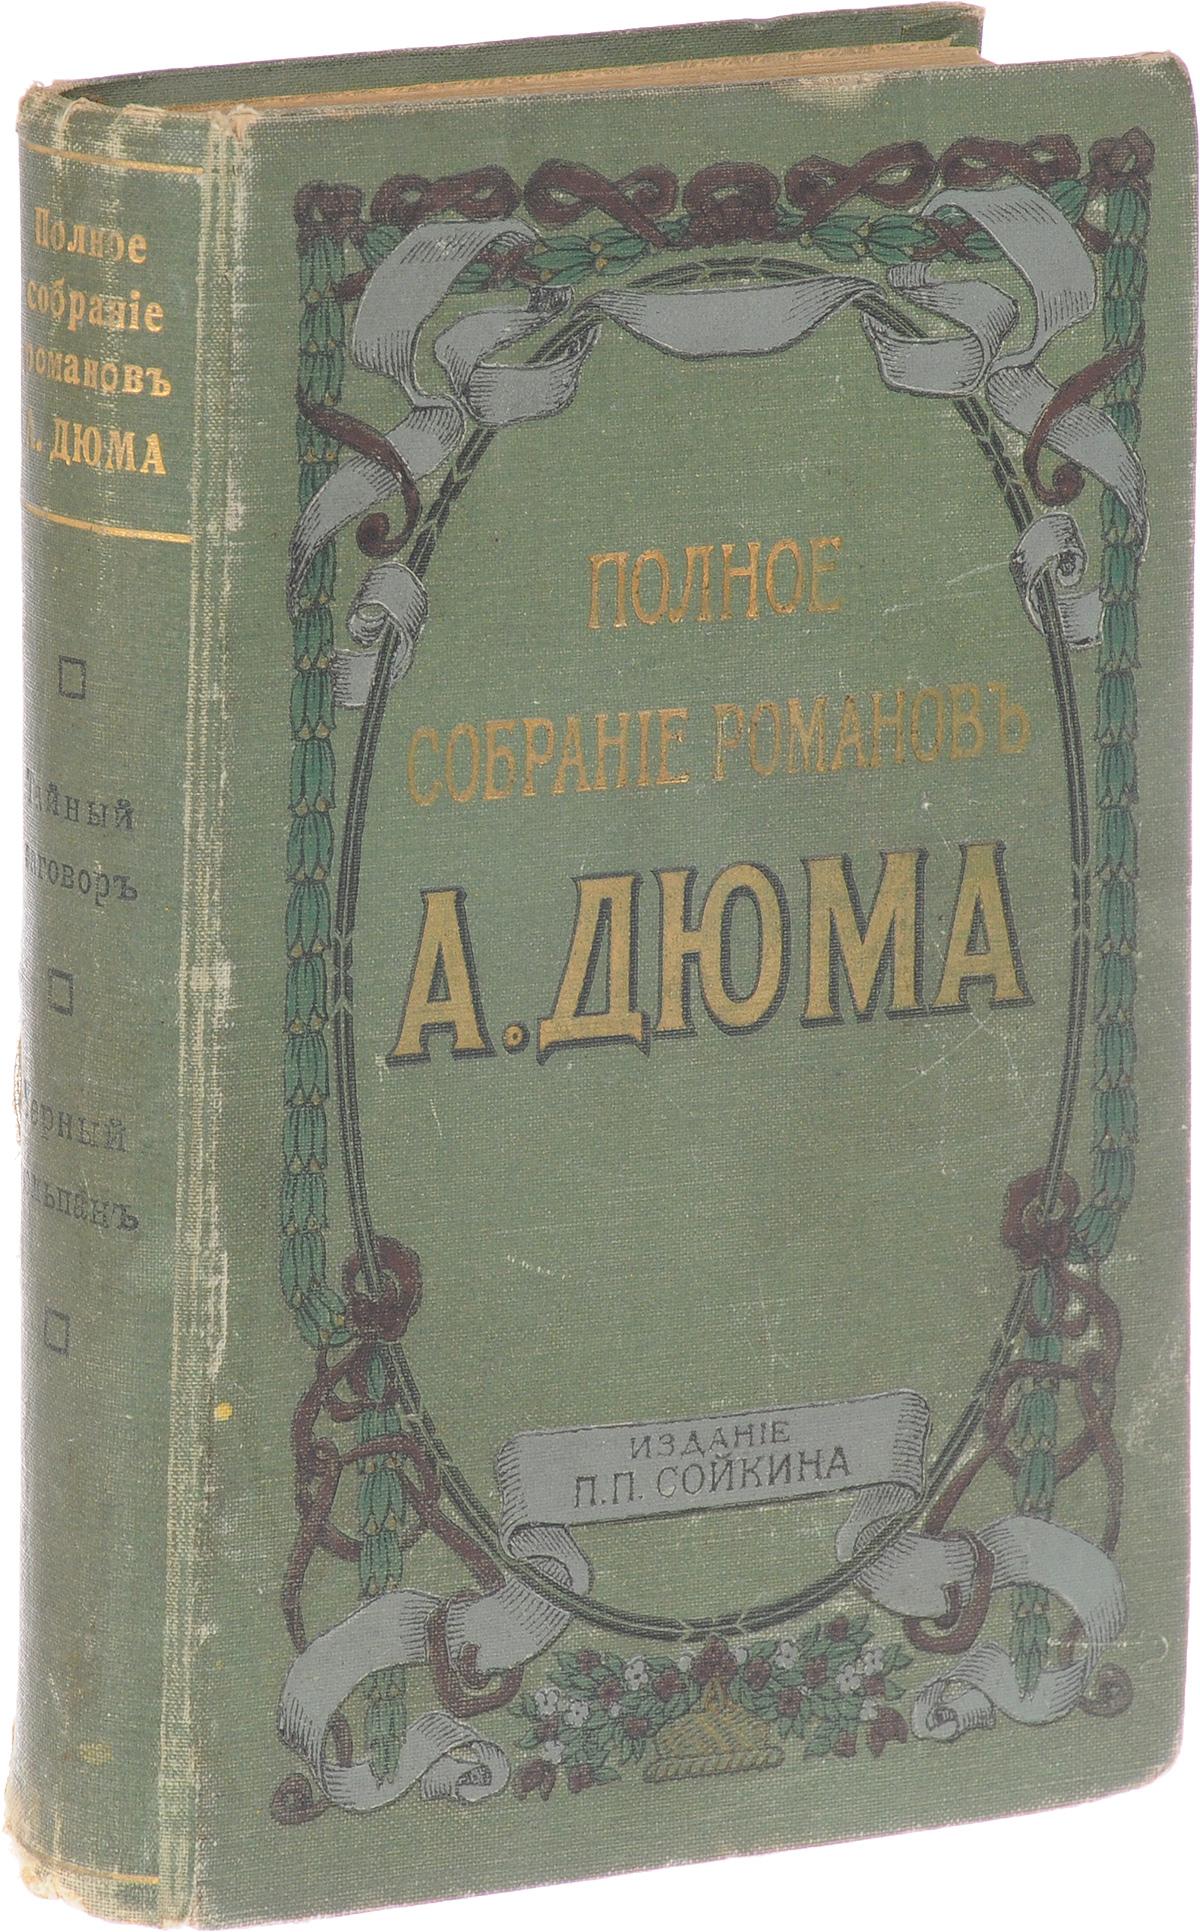 Полное собрание романов Александра Дюма (отца). Тайный заговор. Черный тюльпан